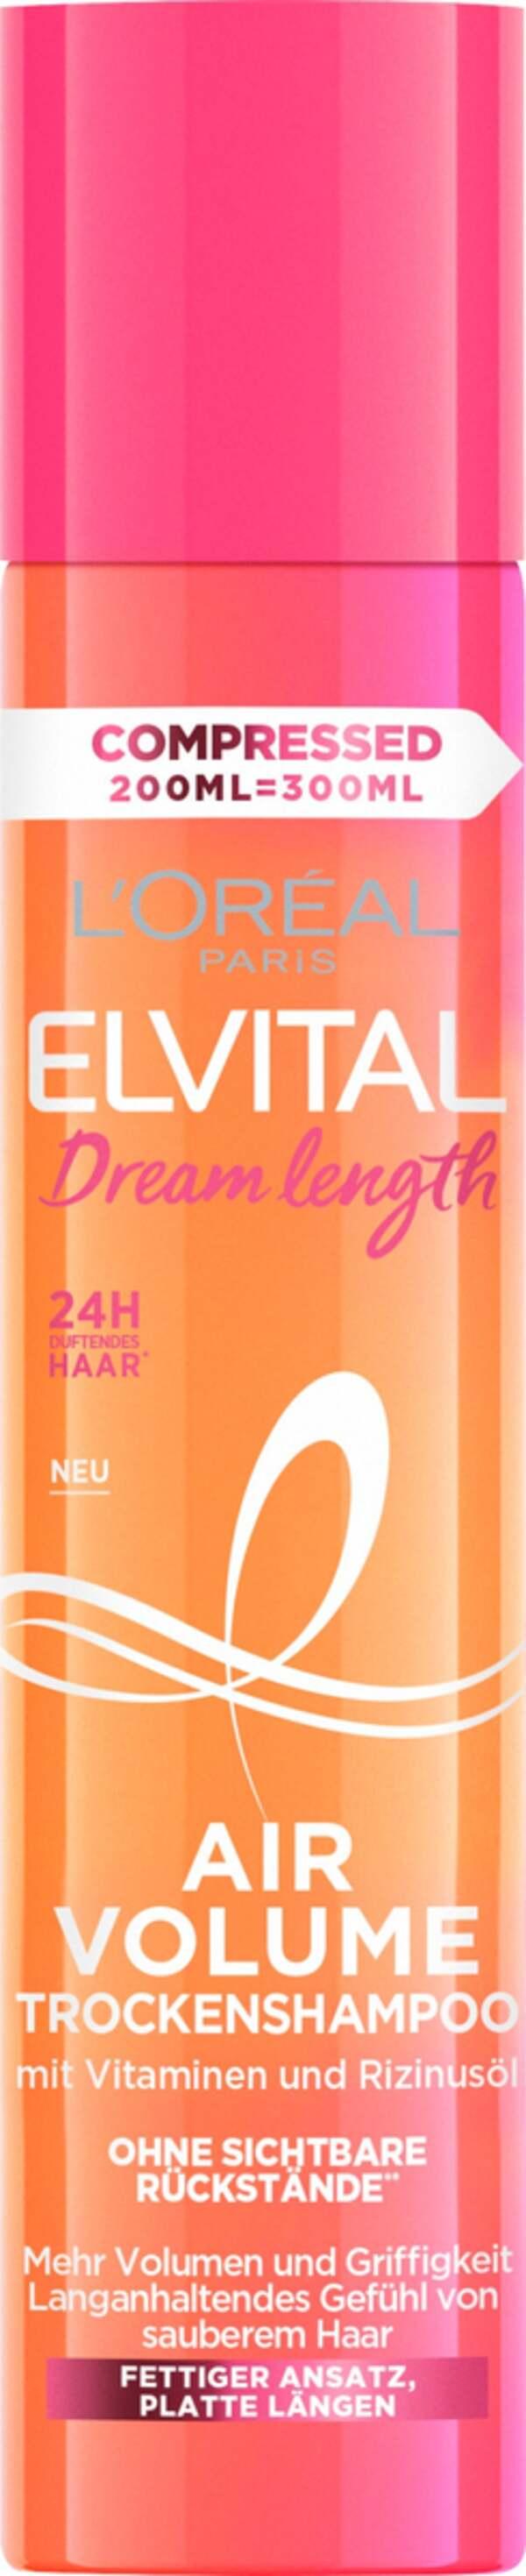 L'Oréal Paris Elvital Dream Length Air Volume Trockenshampoo